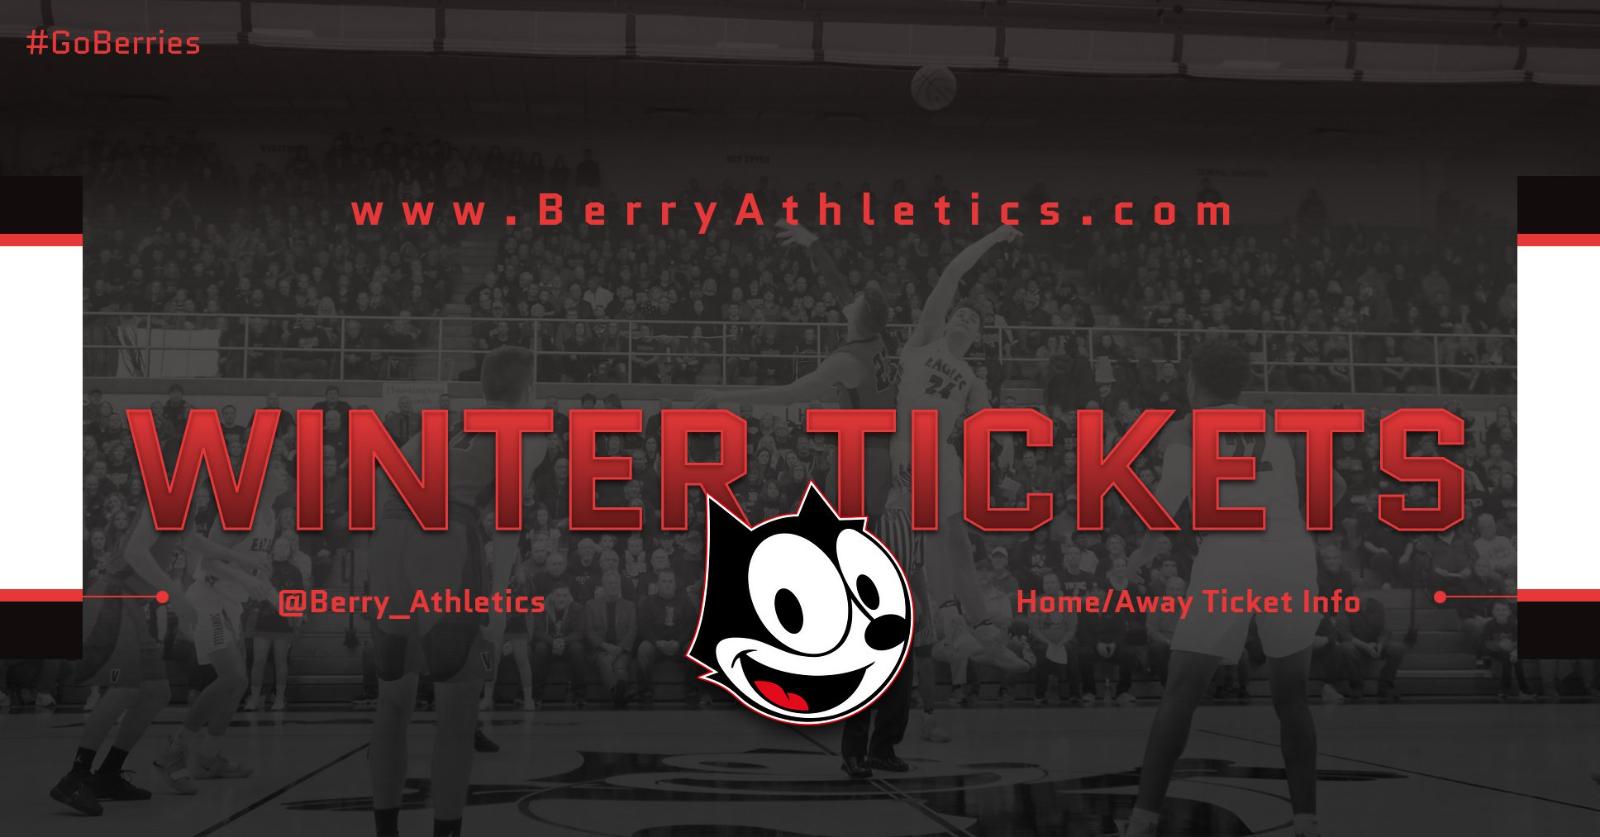 Fan ticketing restrictions